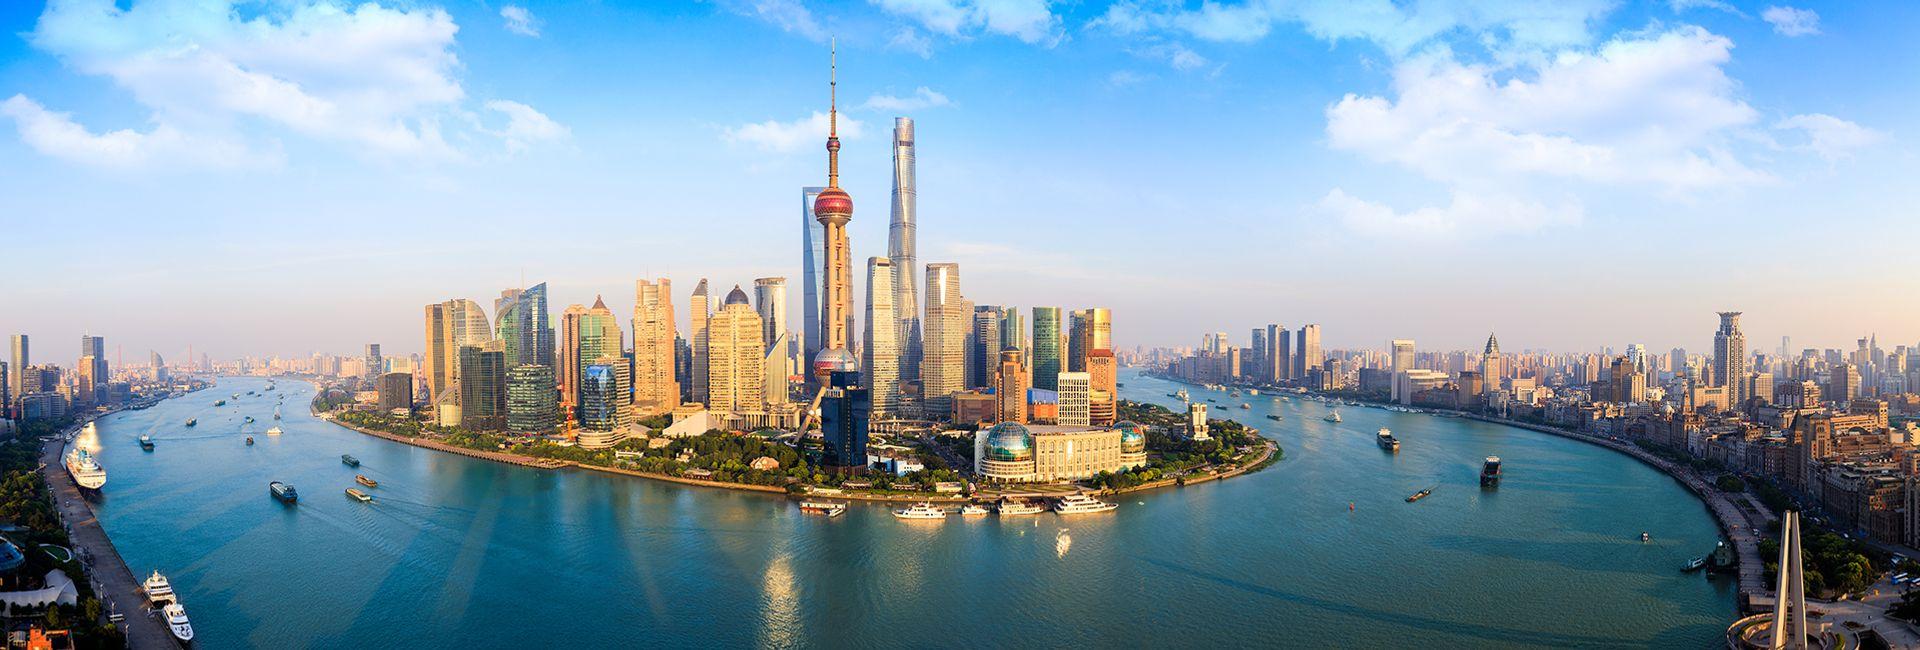 Top 7 địa điểm chèo thuyền nổi tiếng ở Thượng Hải